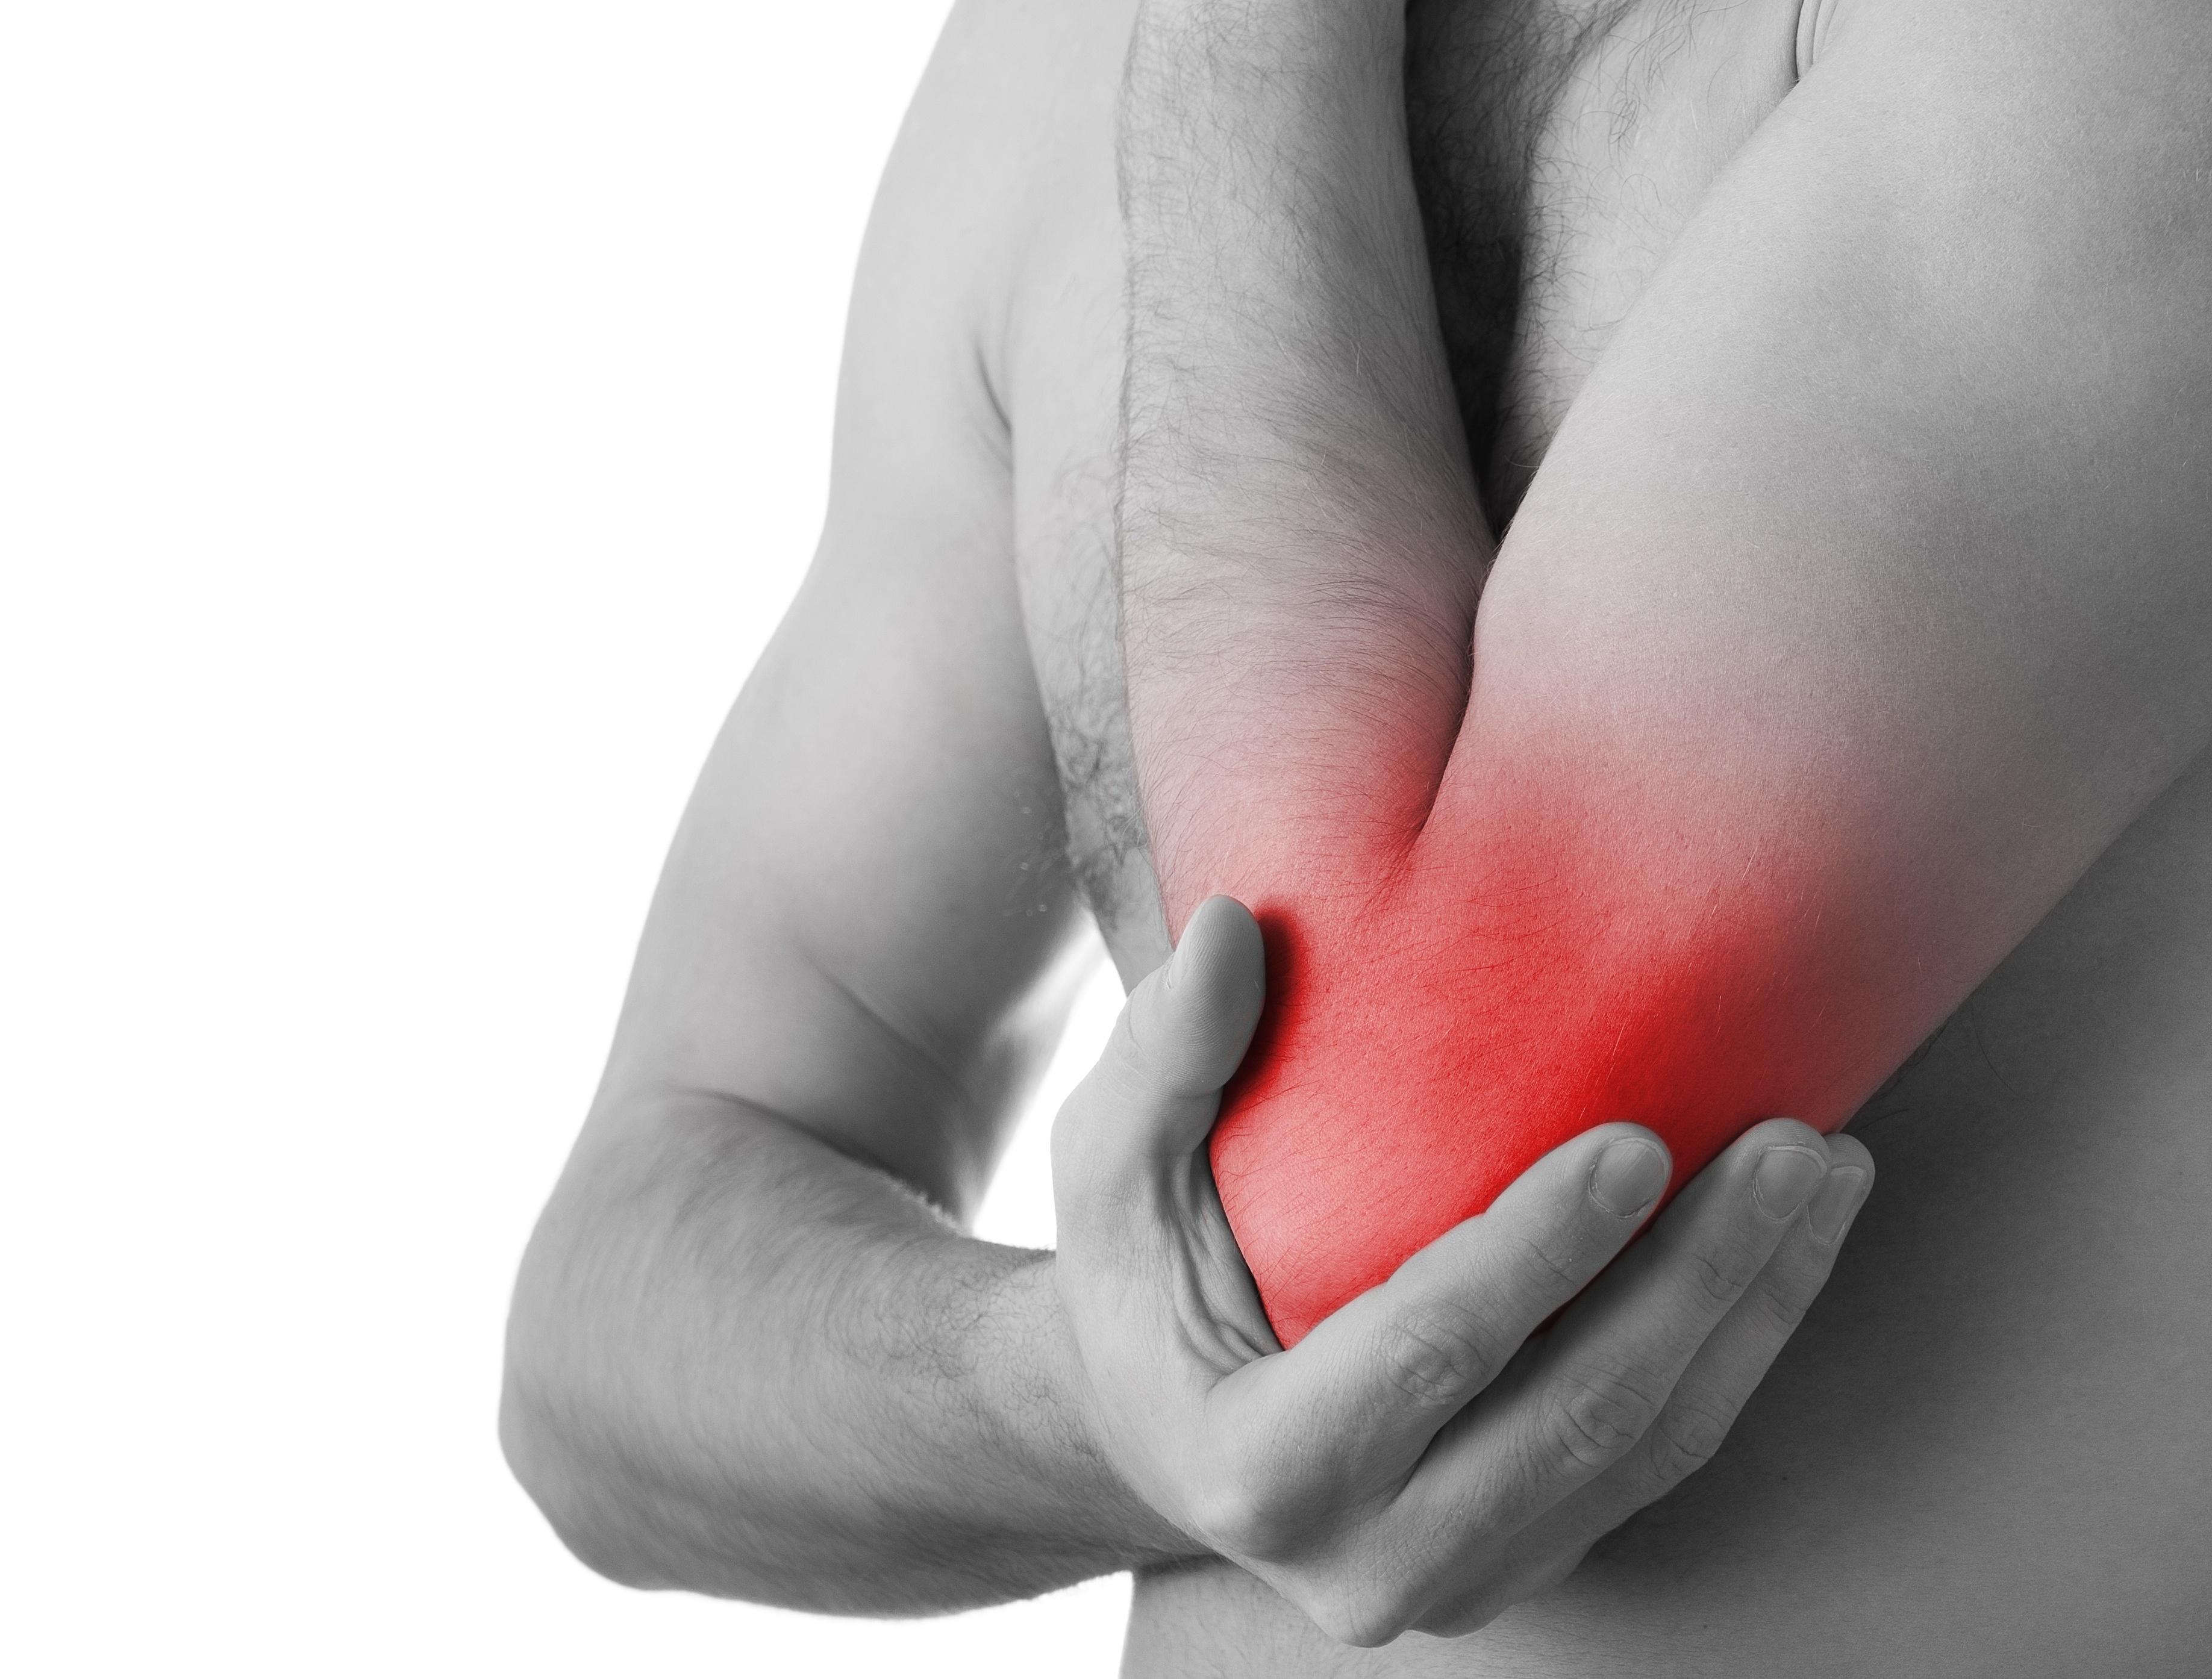 hogyan lehet érzésteleníteni az ízületi fájdalmakat osteoarthritissel ízületi gyulladás mi a csípőízület